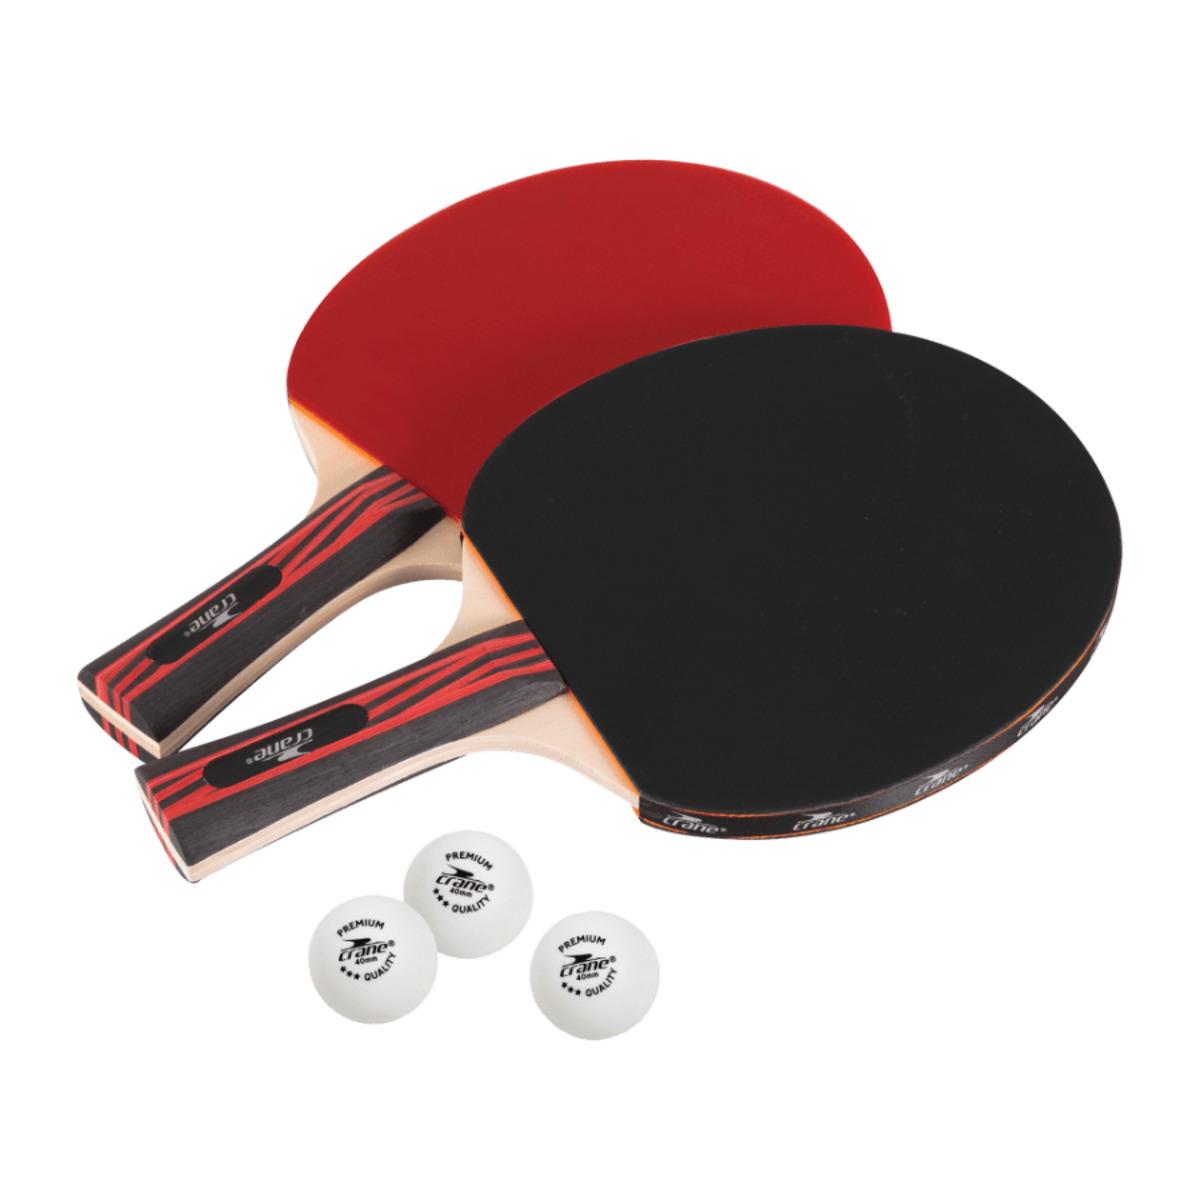 Bild 3 von CRANE     Tischtennis-Schläger-Set